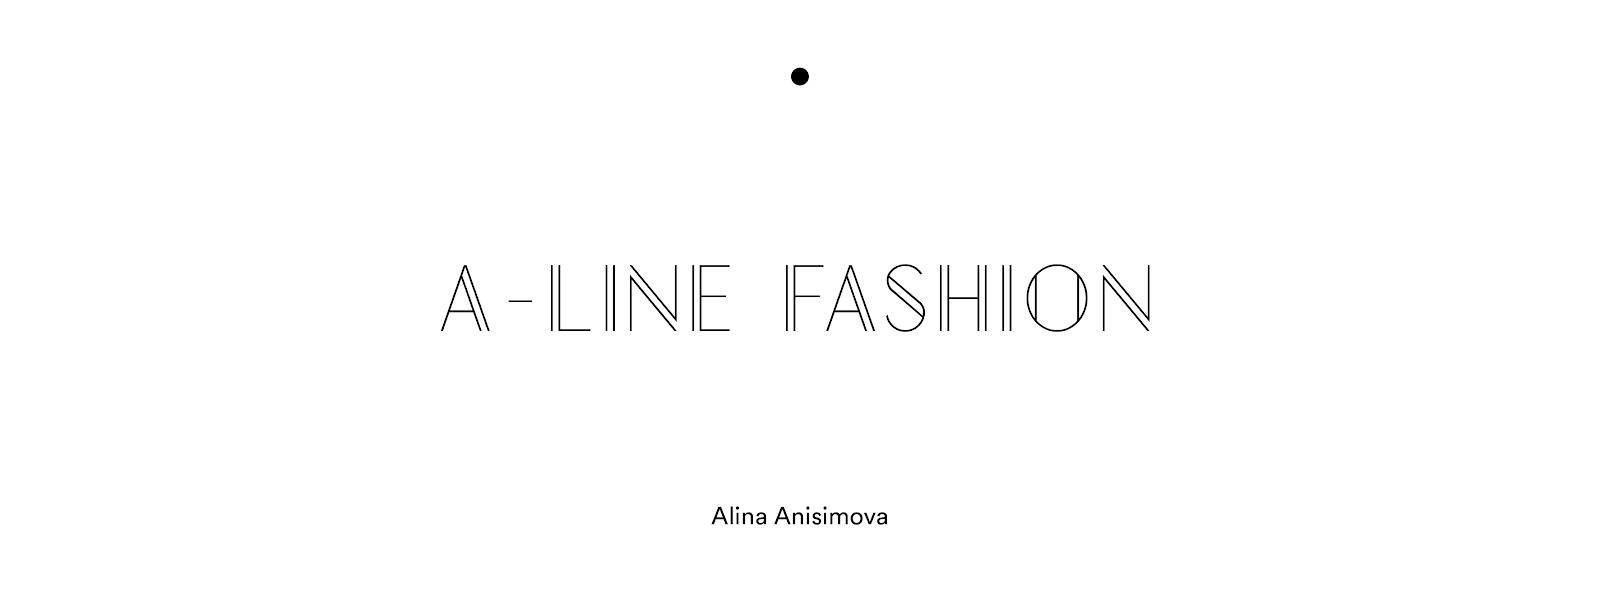 A-line Fashion